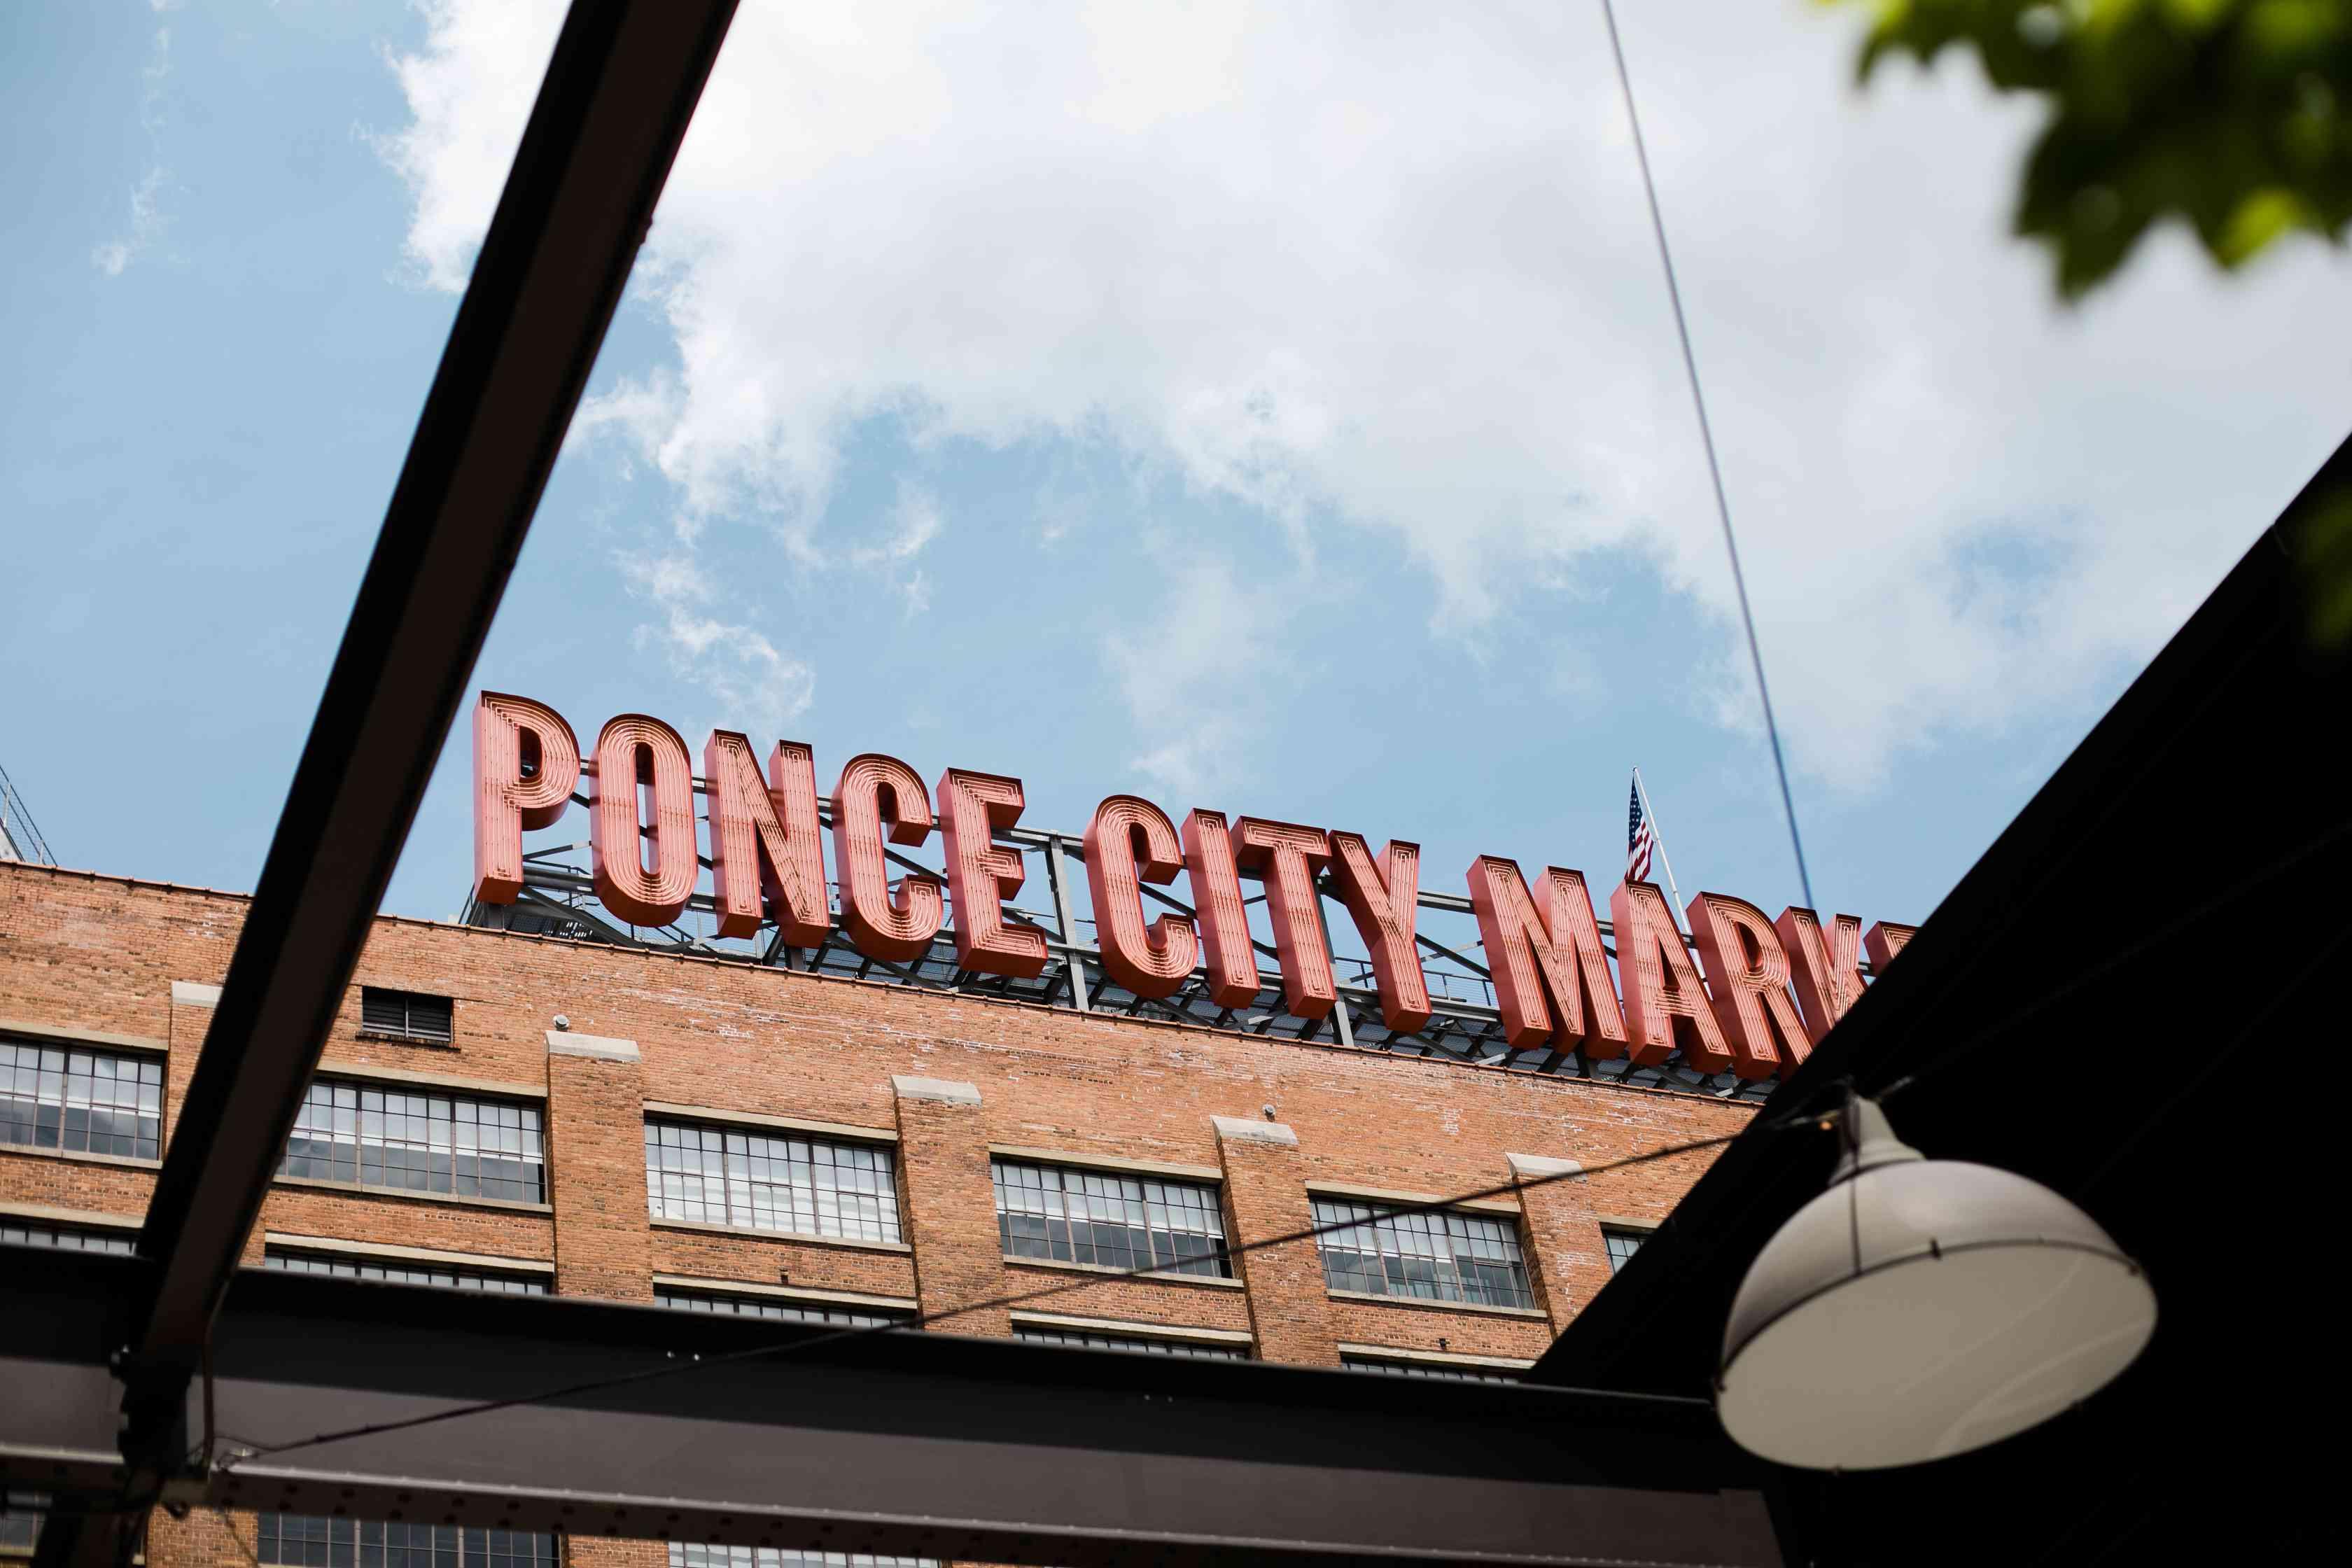 Ponce City Market in Atlanta, GA